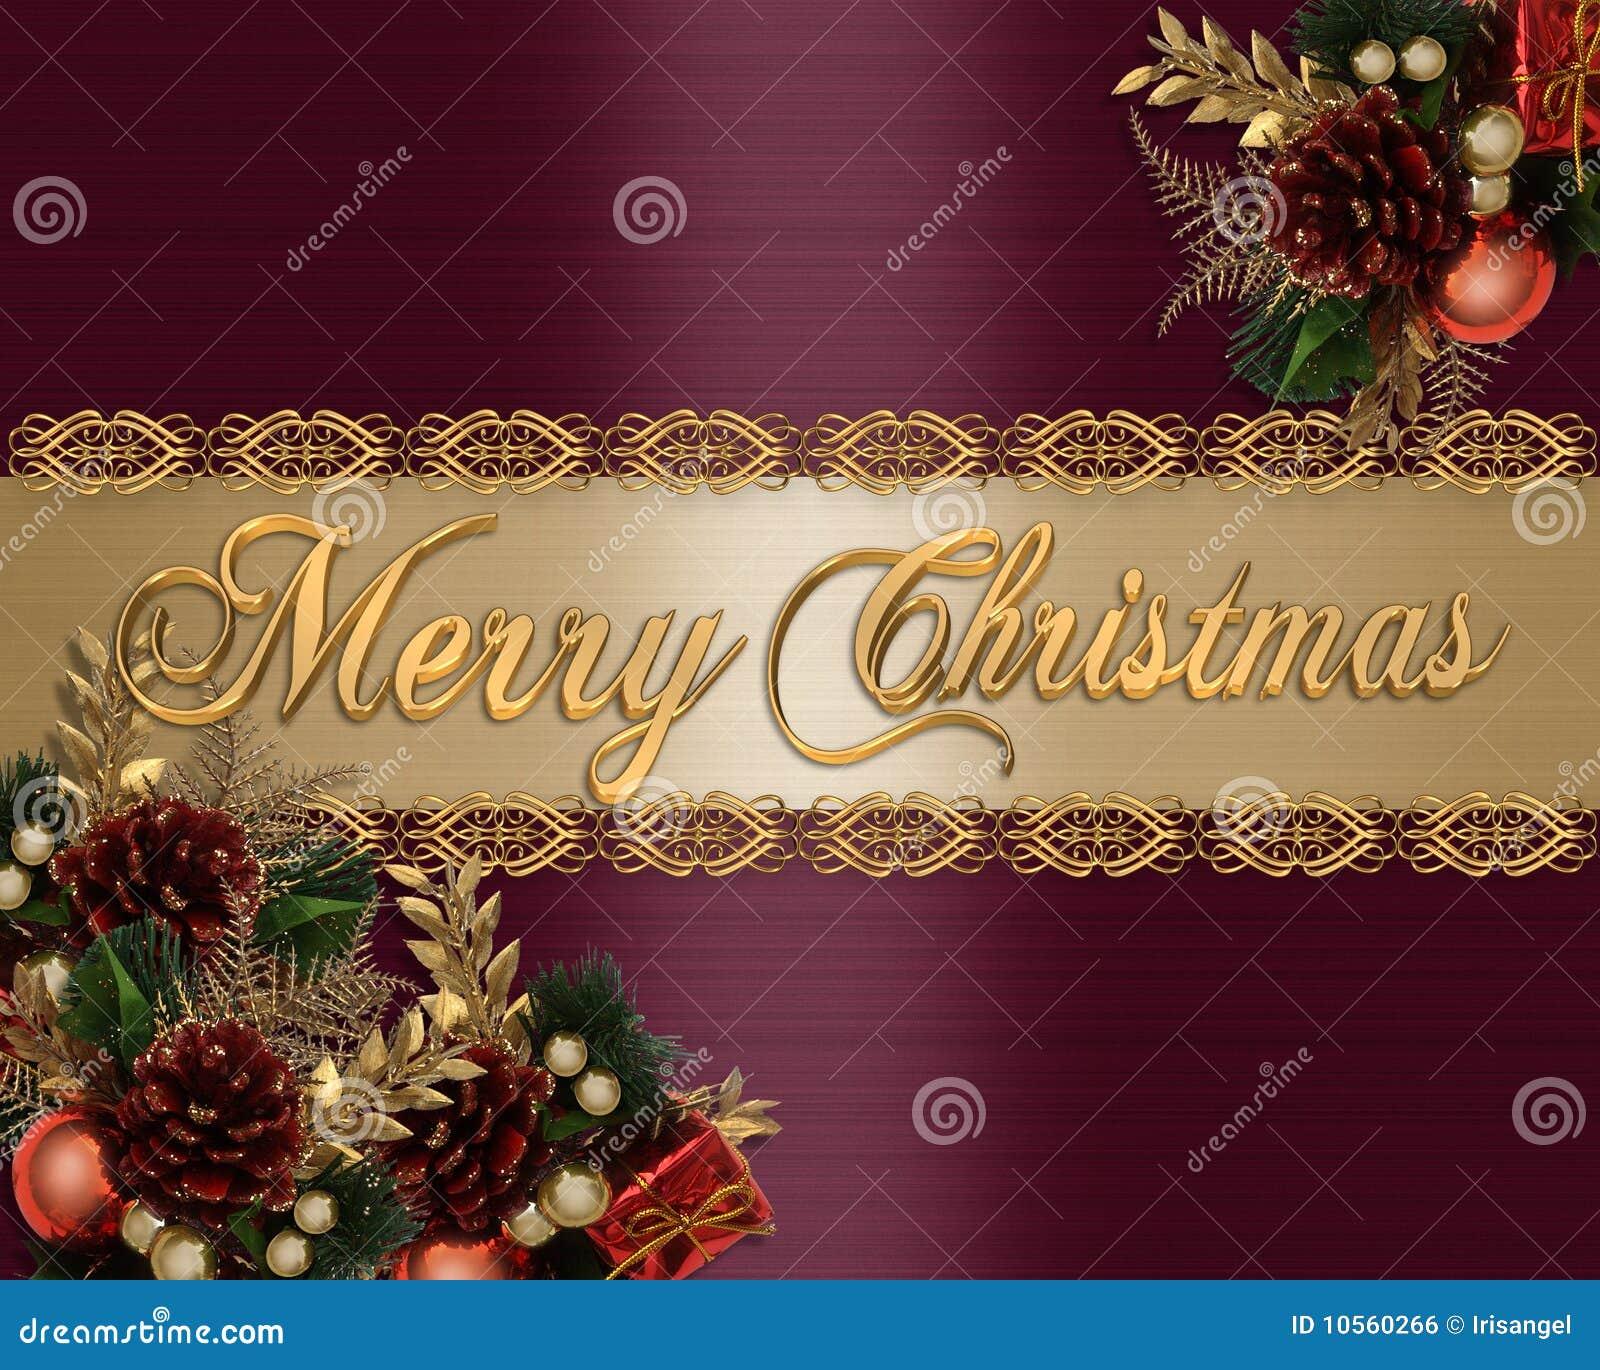 Fondo de la tarjeta de navidad elegante stock de - Tarjetas de navidad elegantes ...